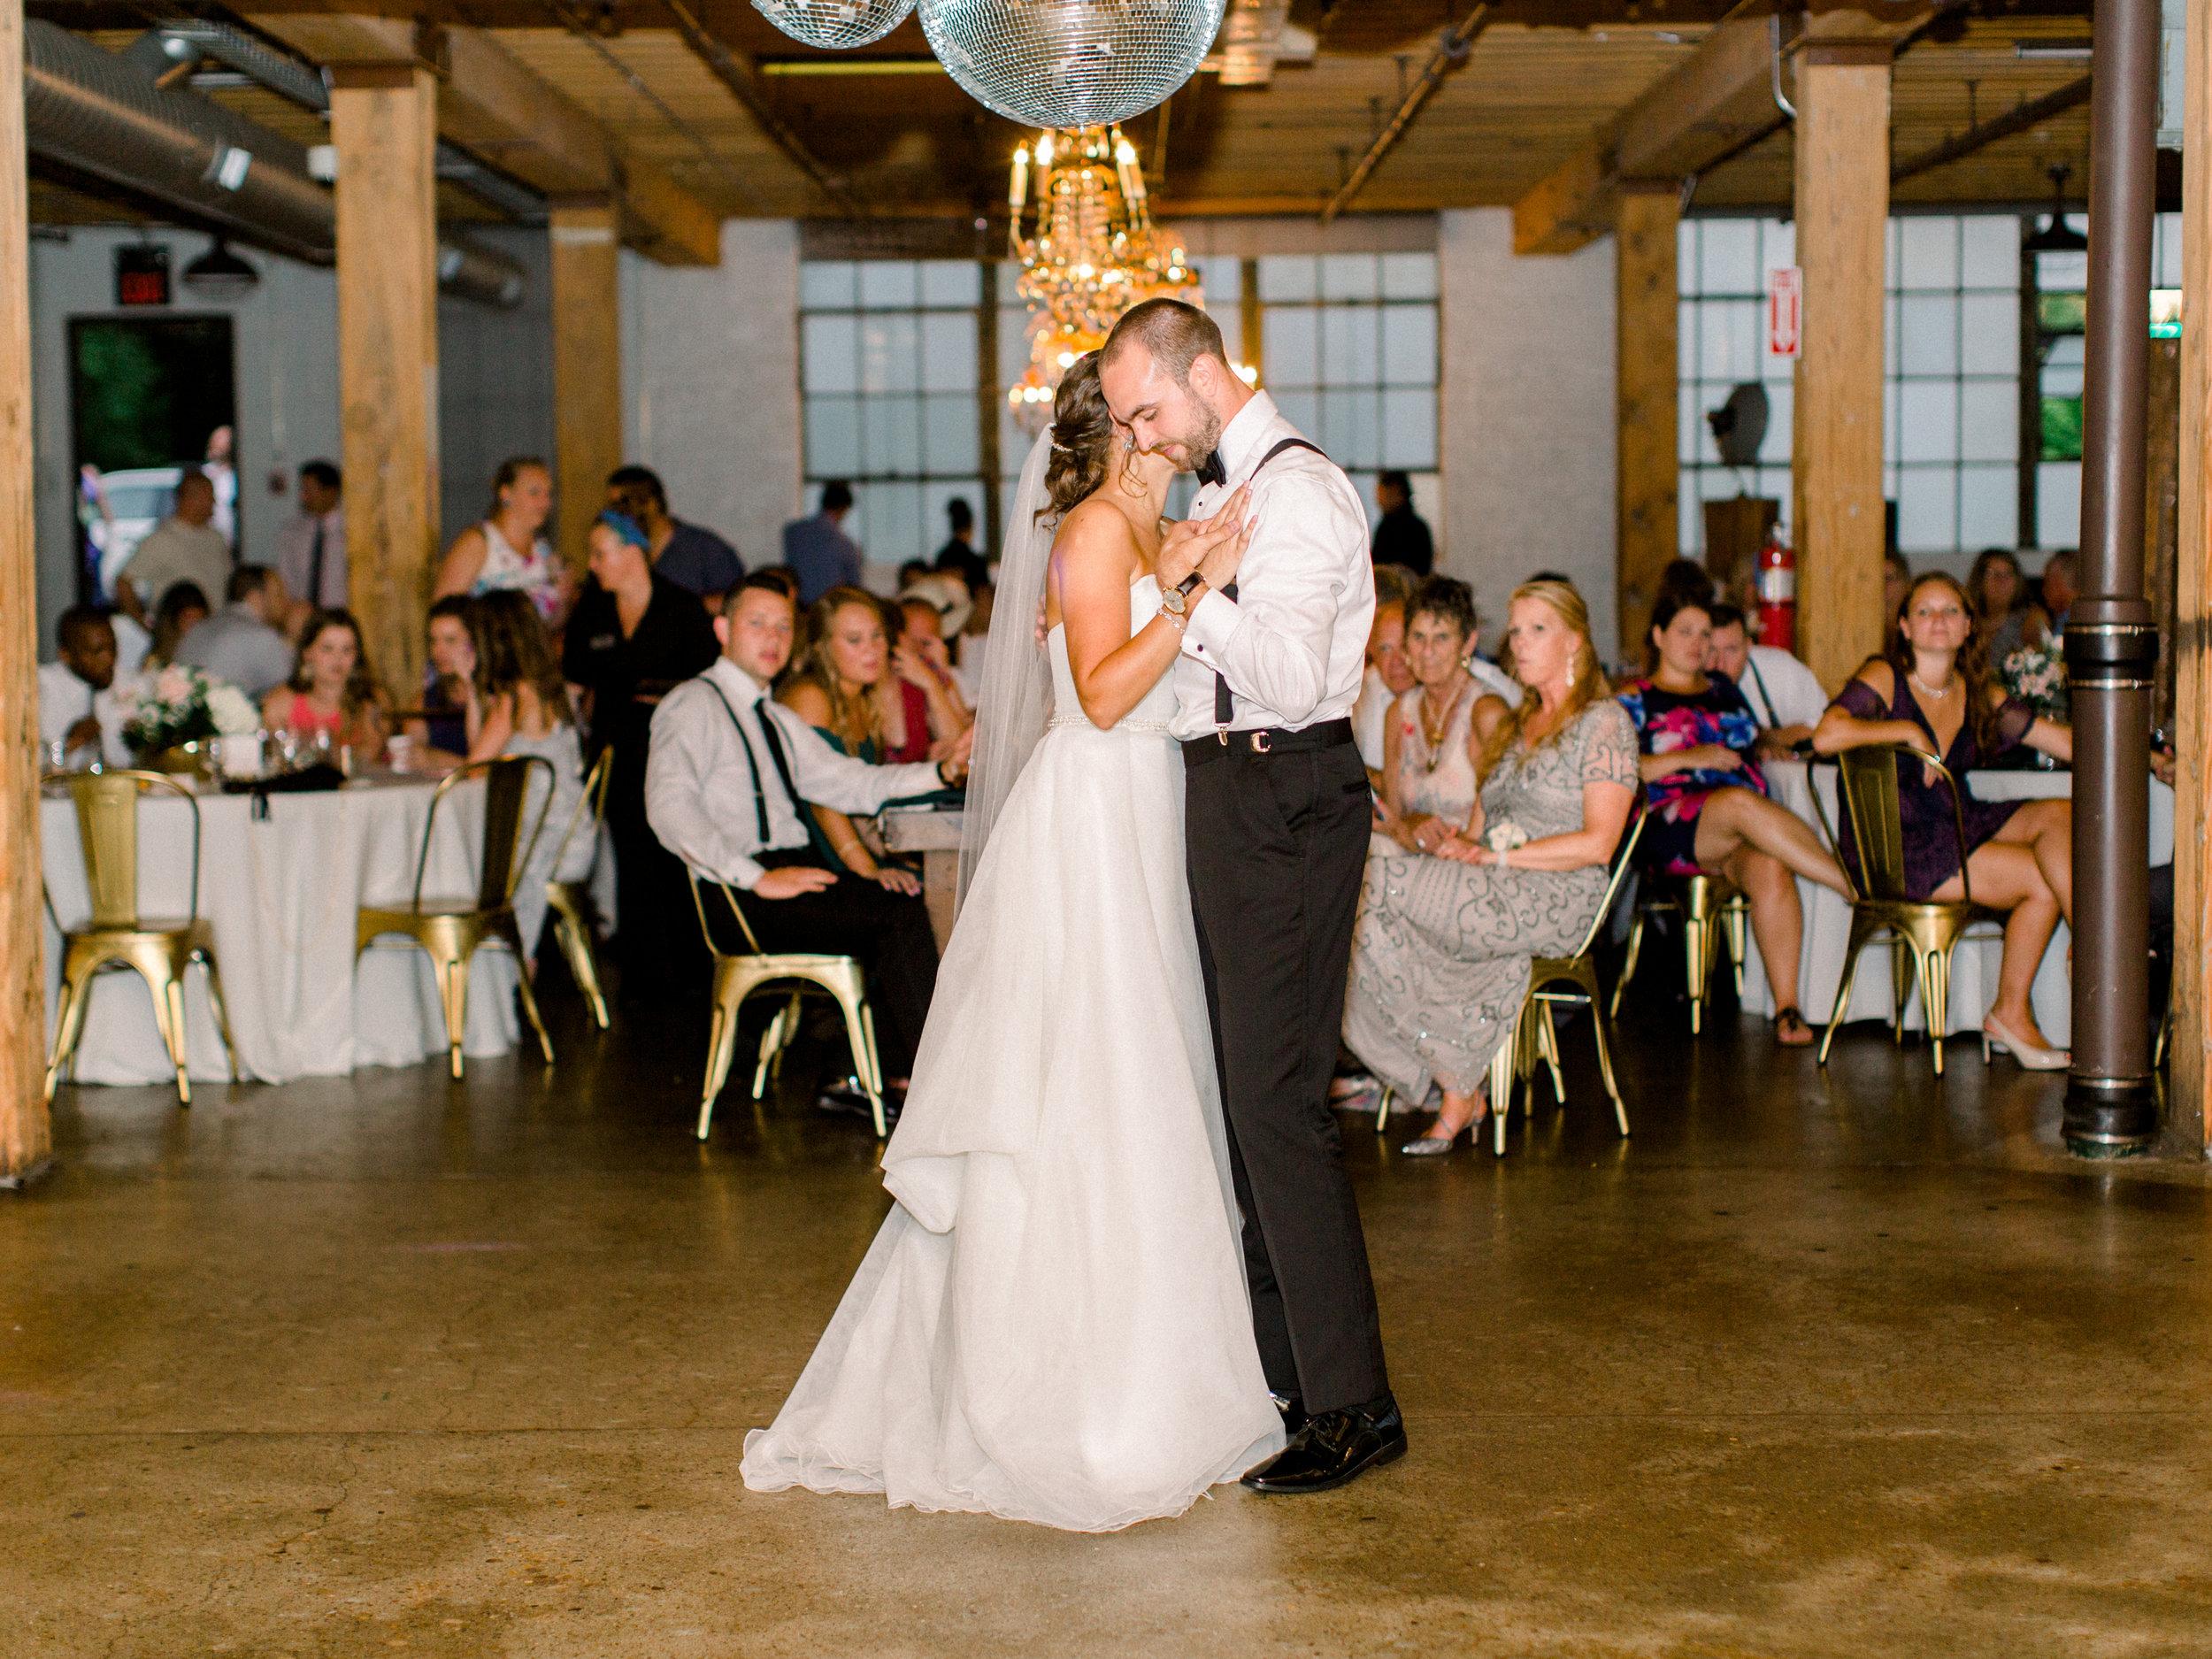 Steiner+Wedding+Reception+First+Dance-17.jpg